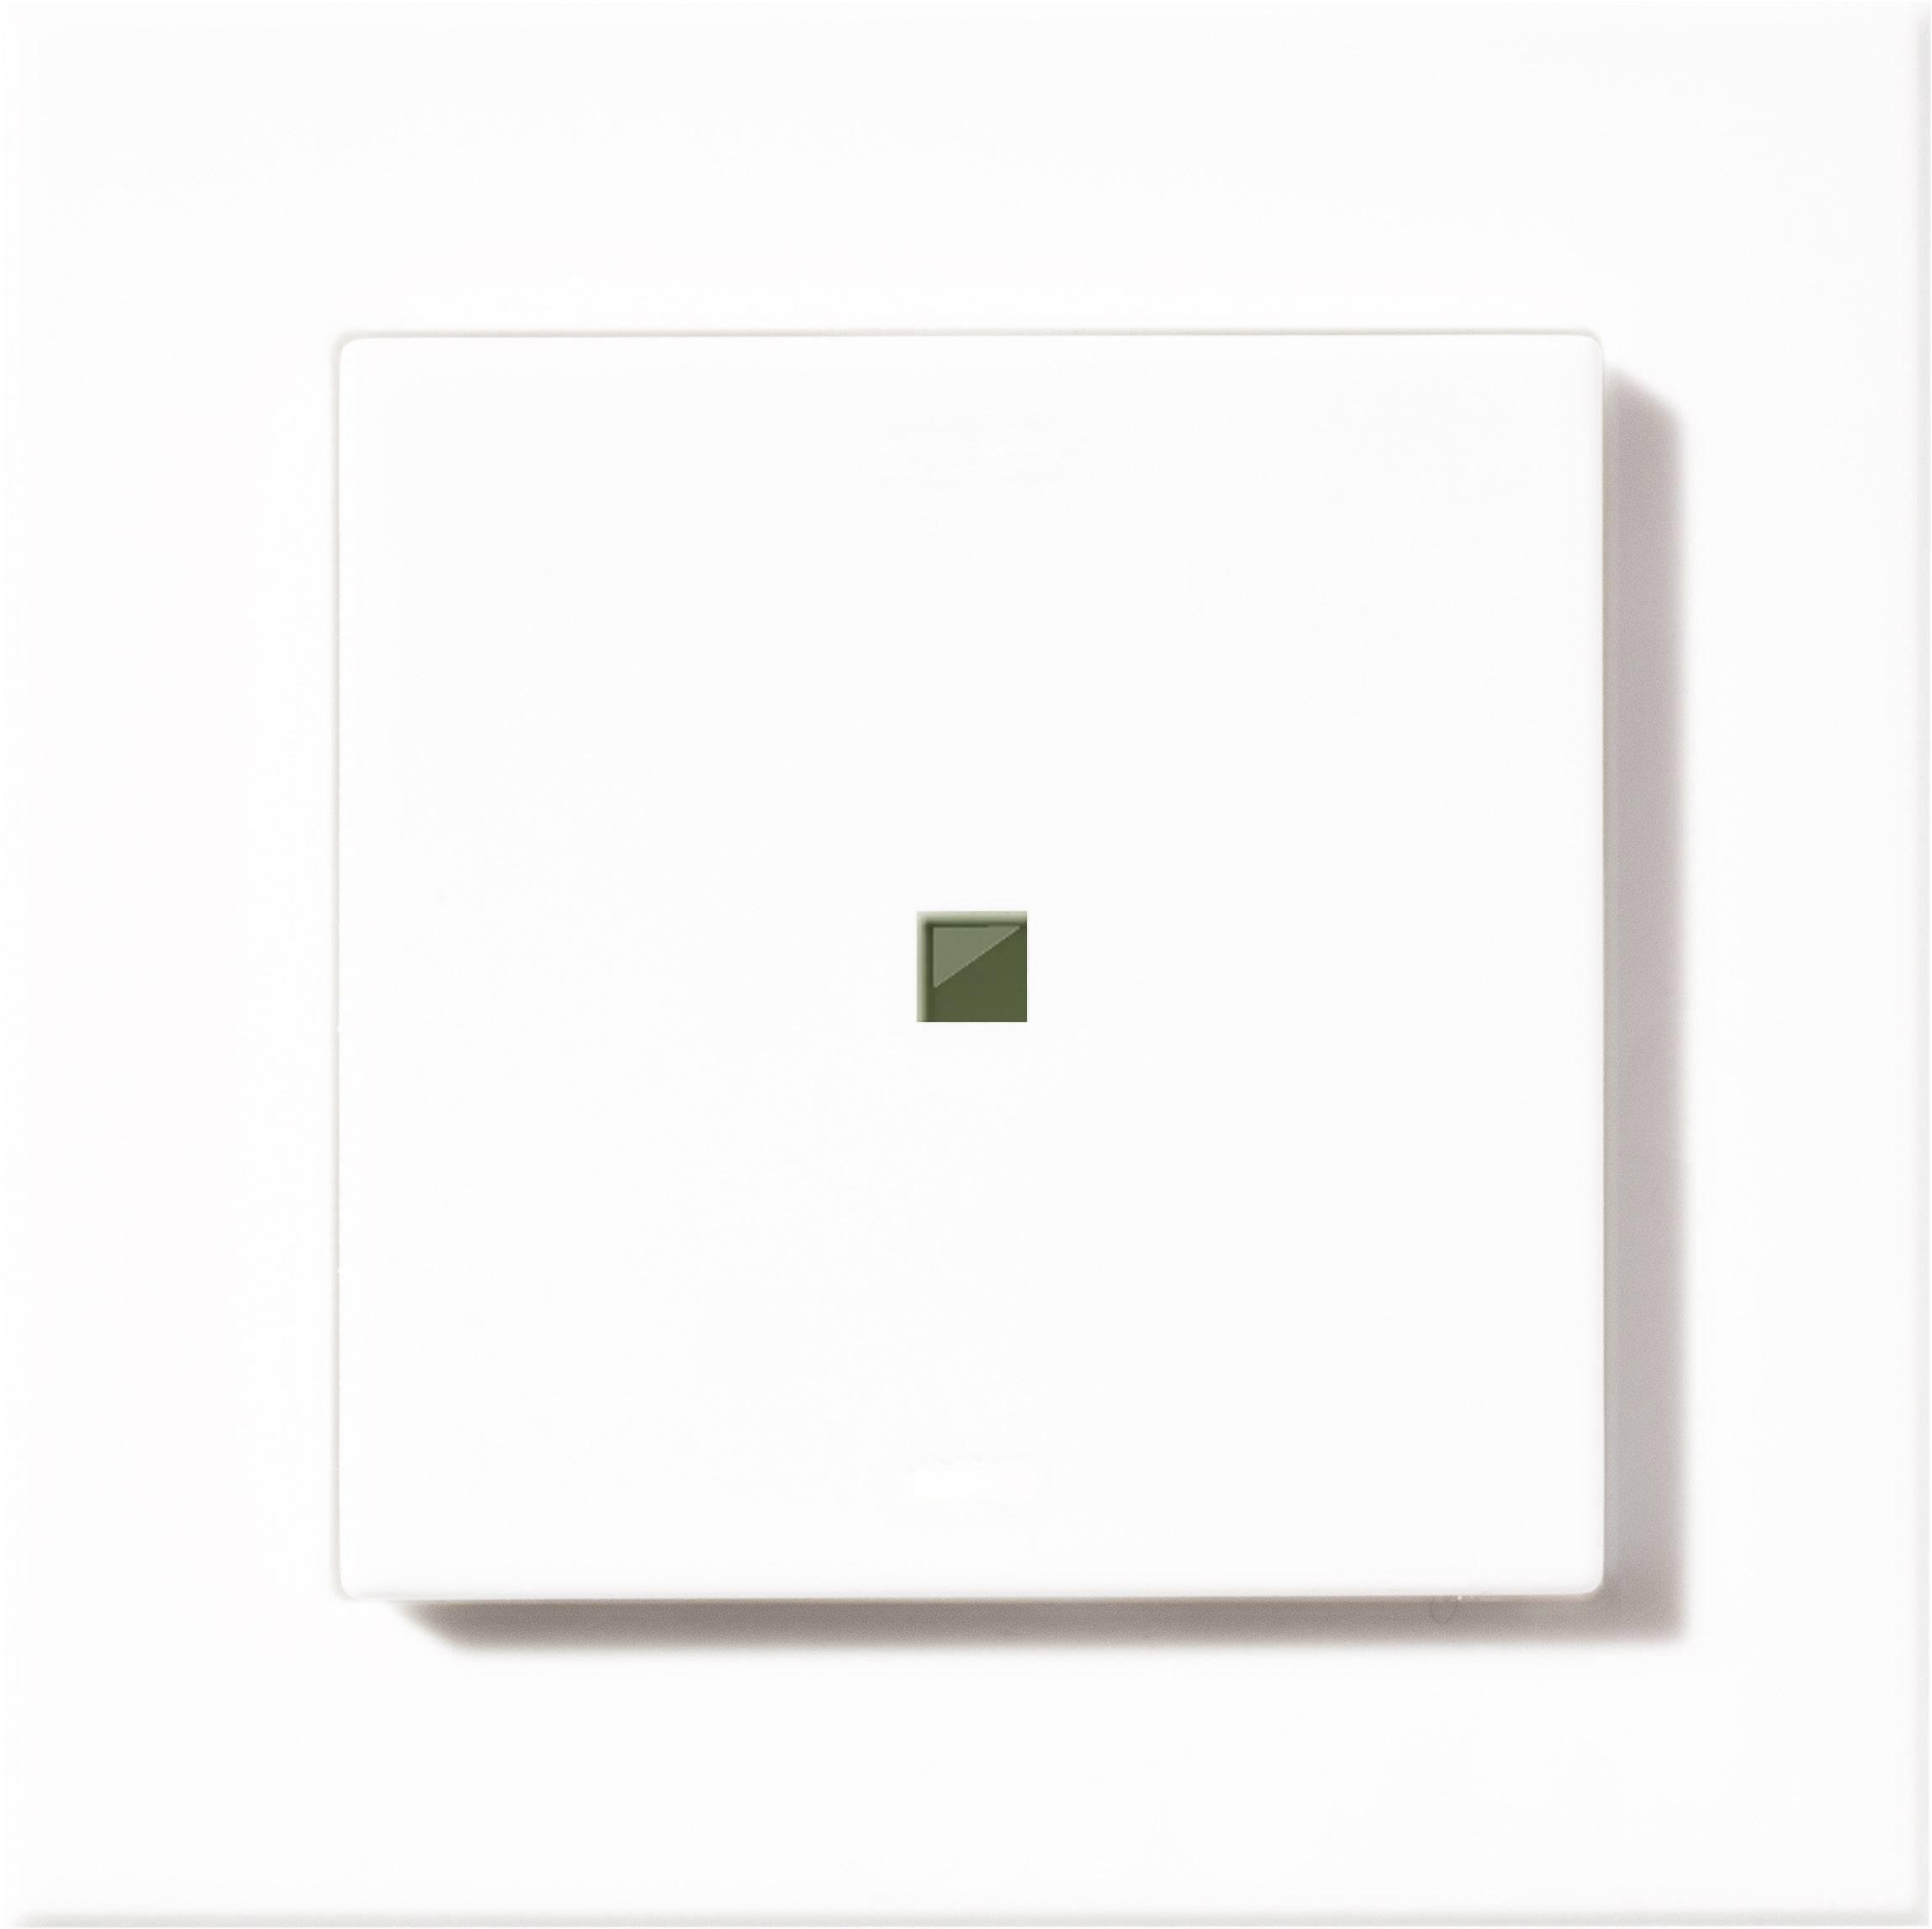 Bezdrôtový vypínač na omietku HomeMatic HM-PB-2-WM55-2 131774 2-kanálový, max. dosah 100 m